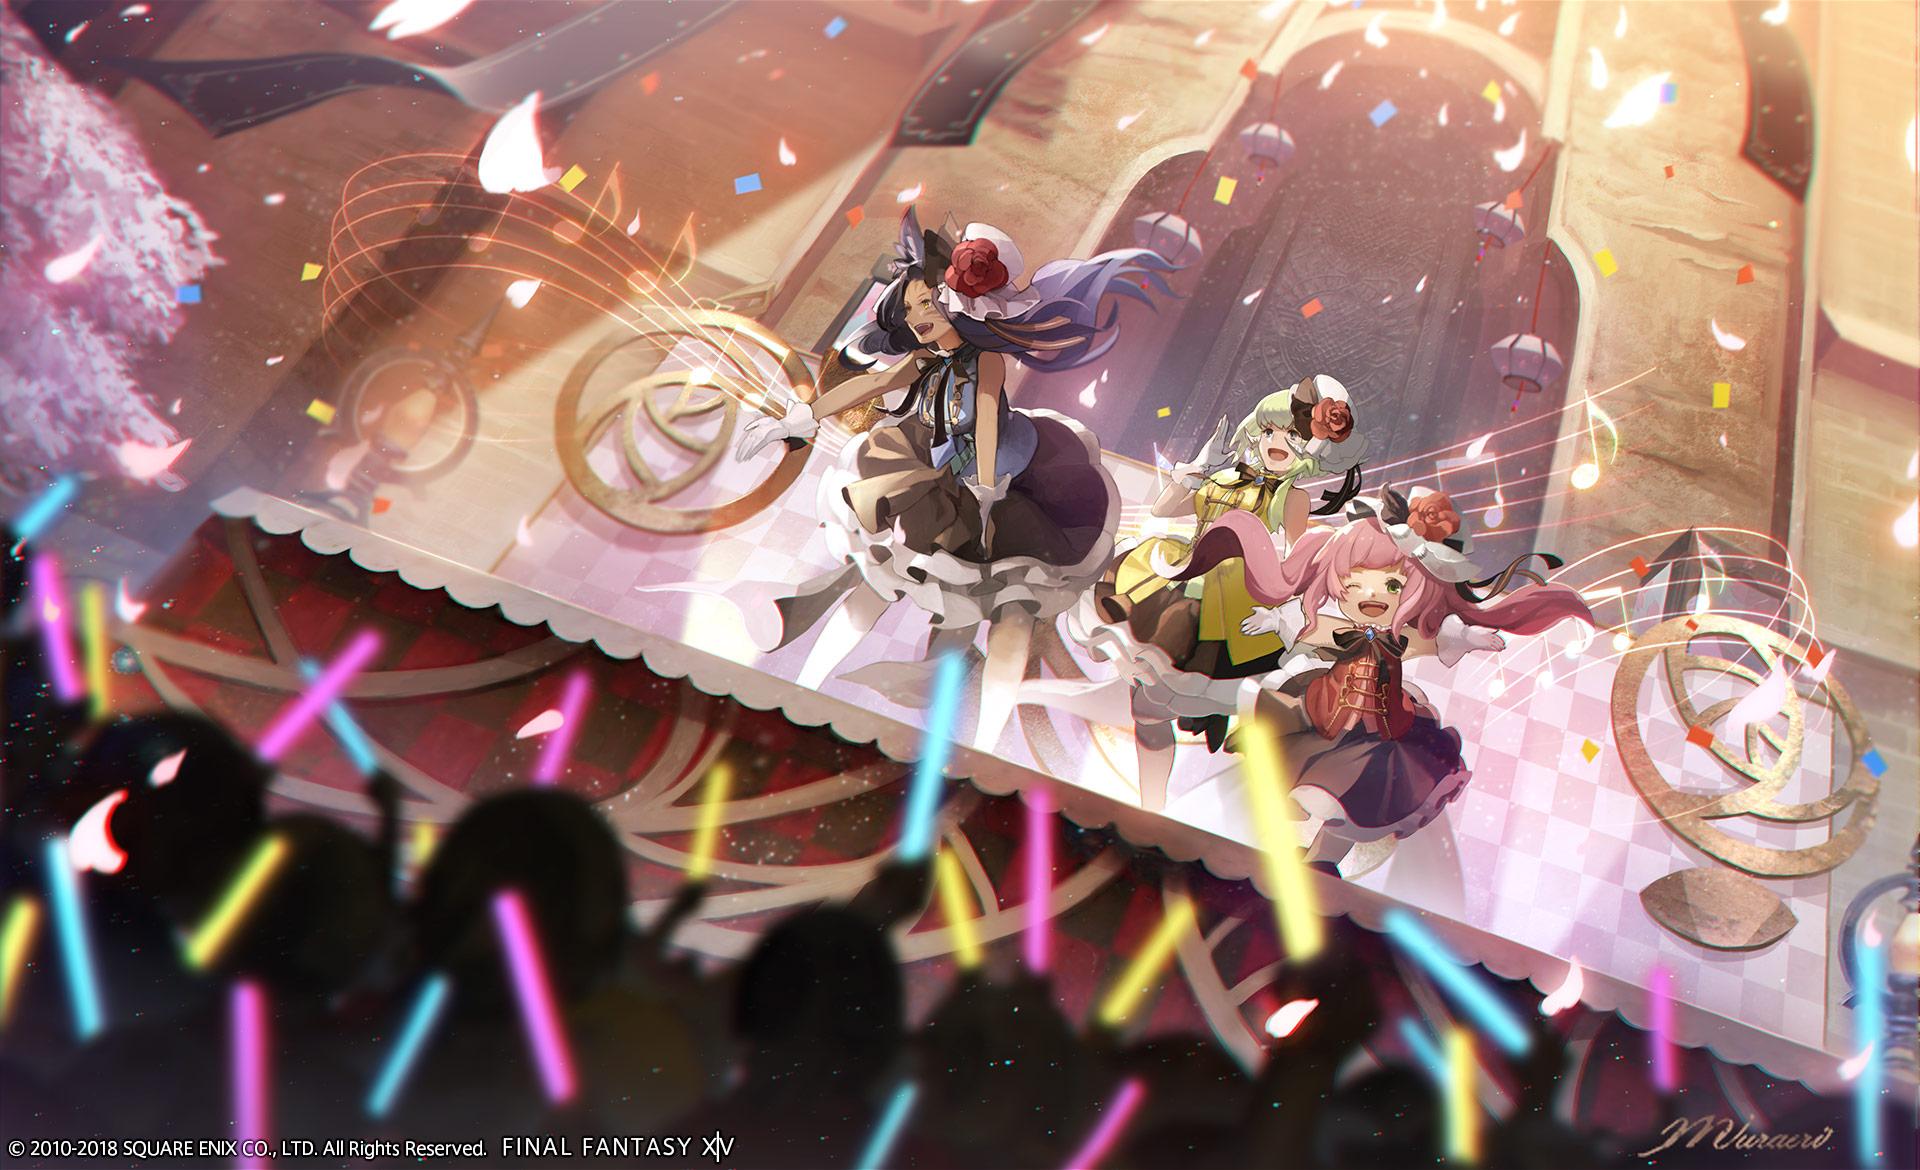 Prinzessinnenfest bringt Leuchtstäbchen und J-Pop zu Final Fantasy XIV